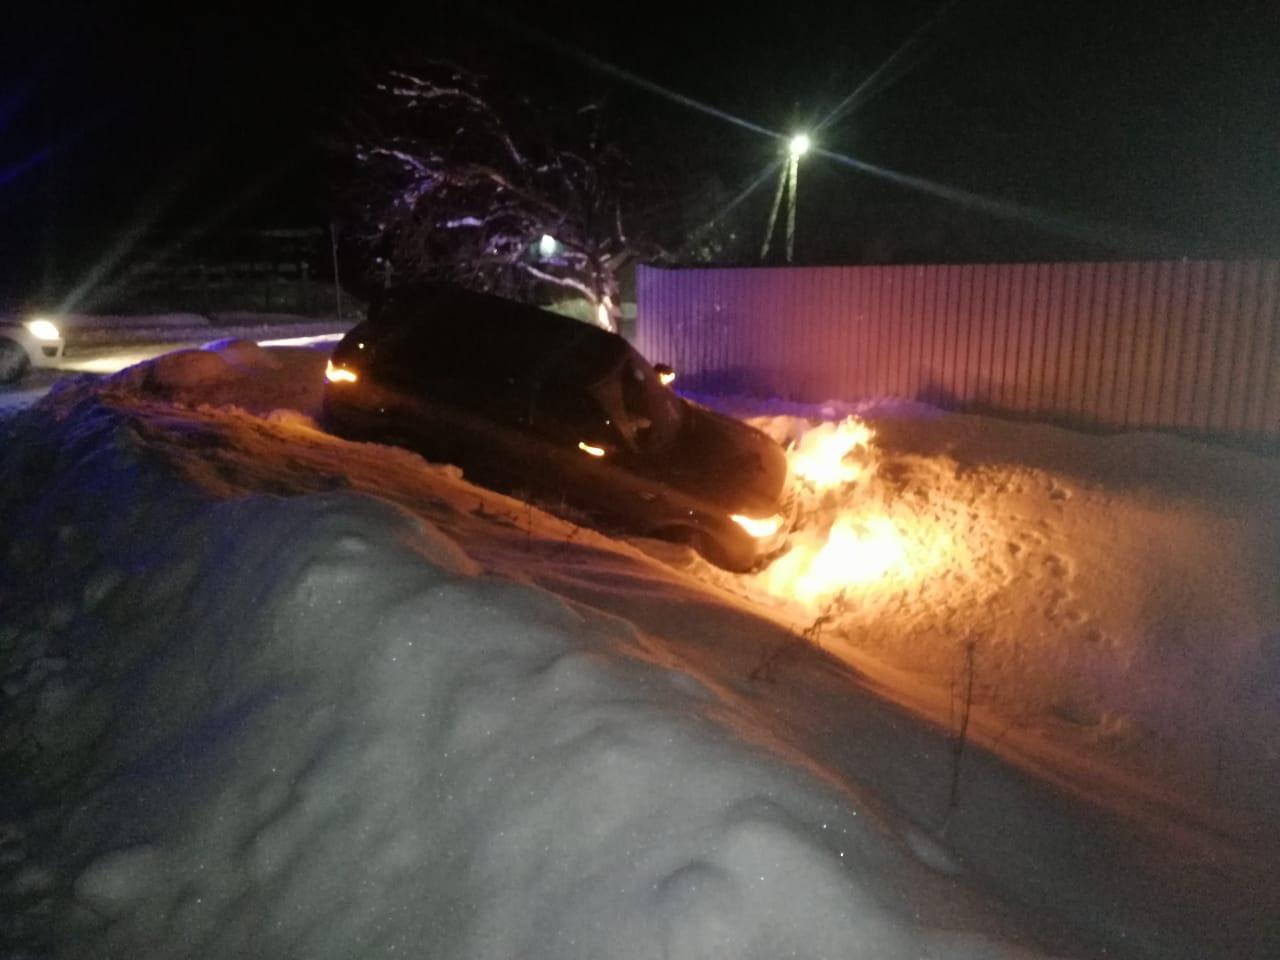 Молодая женщина получила травмы, не справившись с управлением внедорожником в Тверской области. Об этом рассказали в региональном УГИБДД. Дорожно-транспортное происшествие произошло вечером 15 января в Конаковском районе. На 2-м километре автомобильной дороги Верханово-Фролово-Коровино внедорожник Land Rover, за рулём которого была 23-летняя девушка, съехал с дороги и врезался в препятствие. В результате ДТП пострадала сама женщина-водитель.